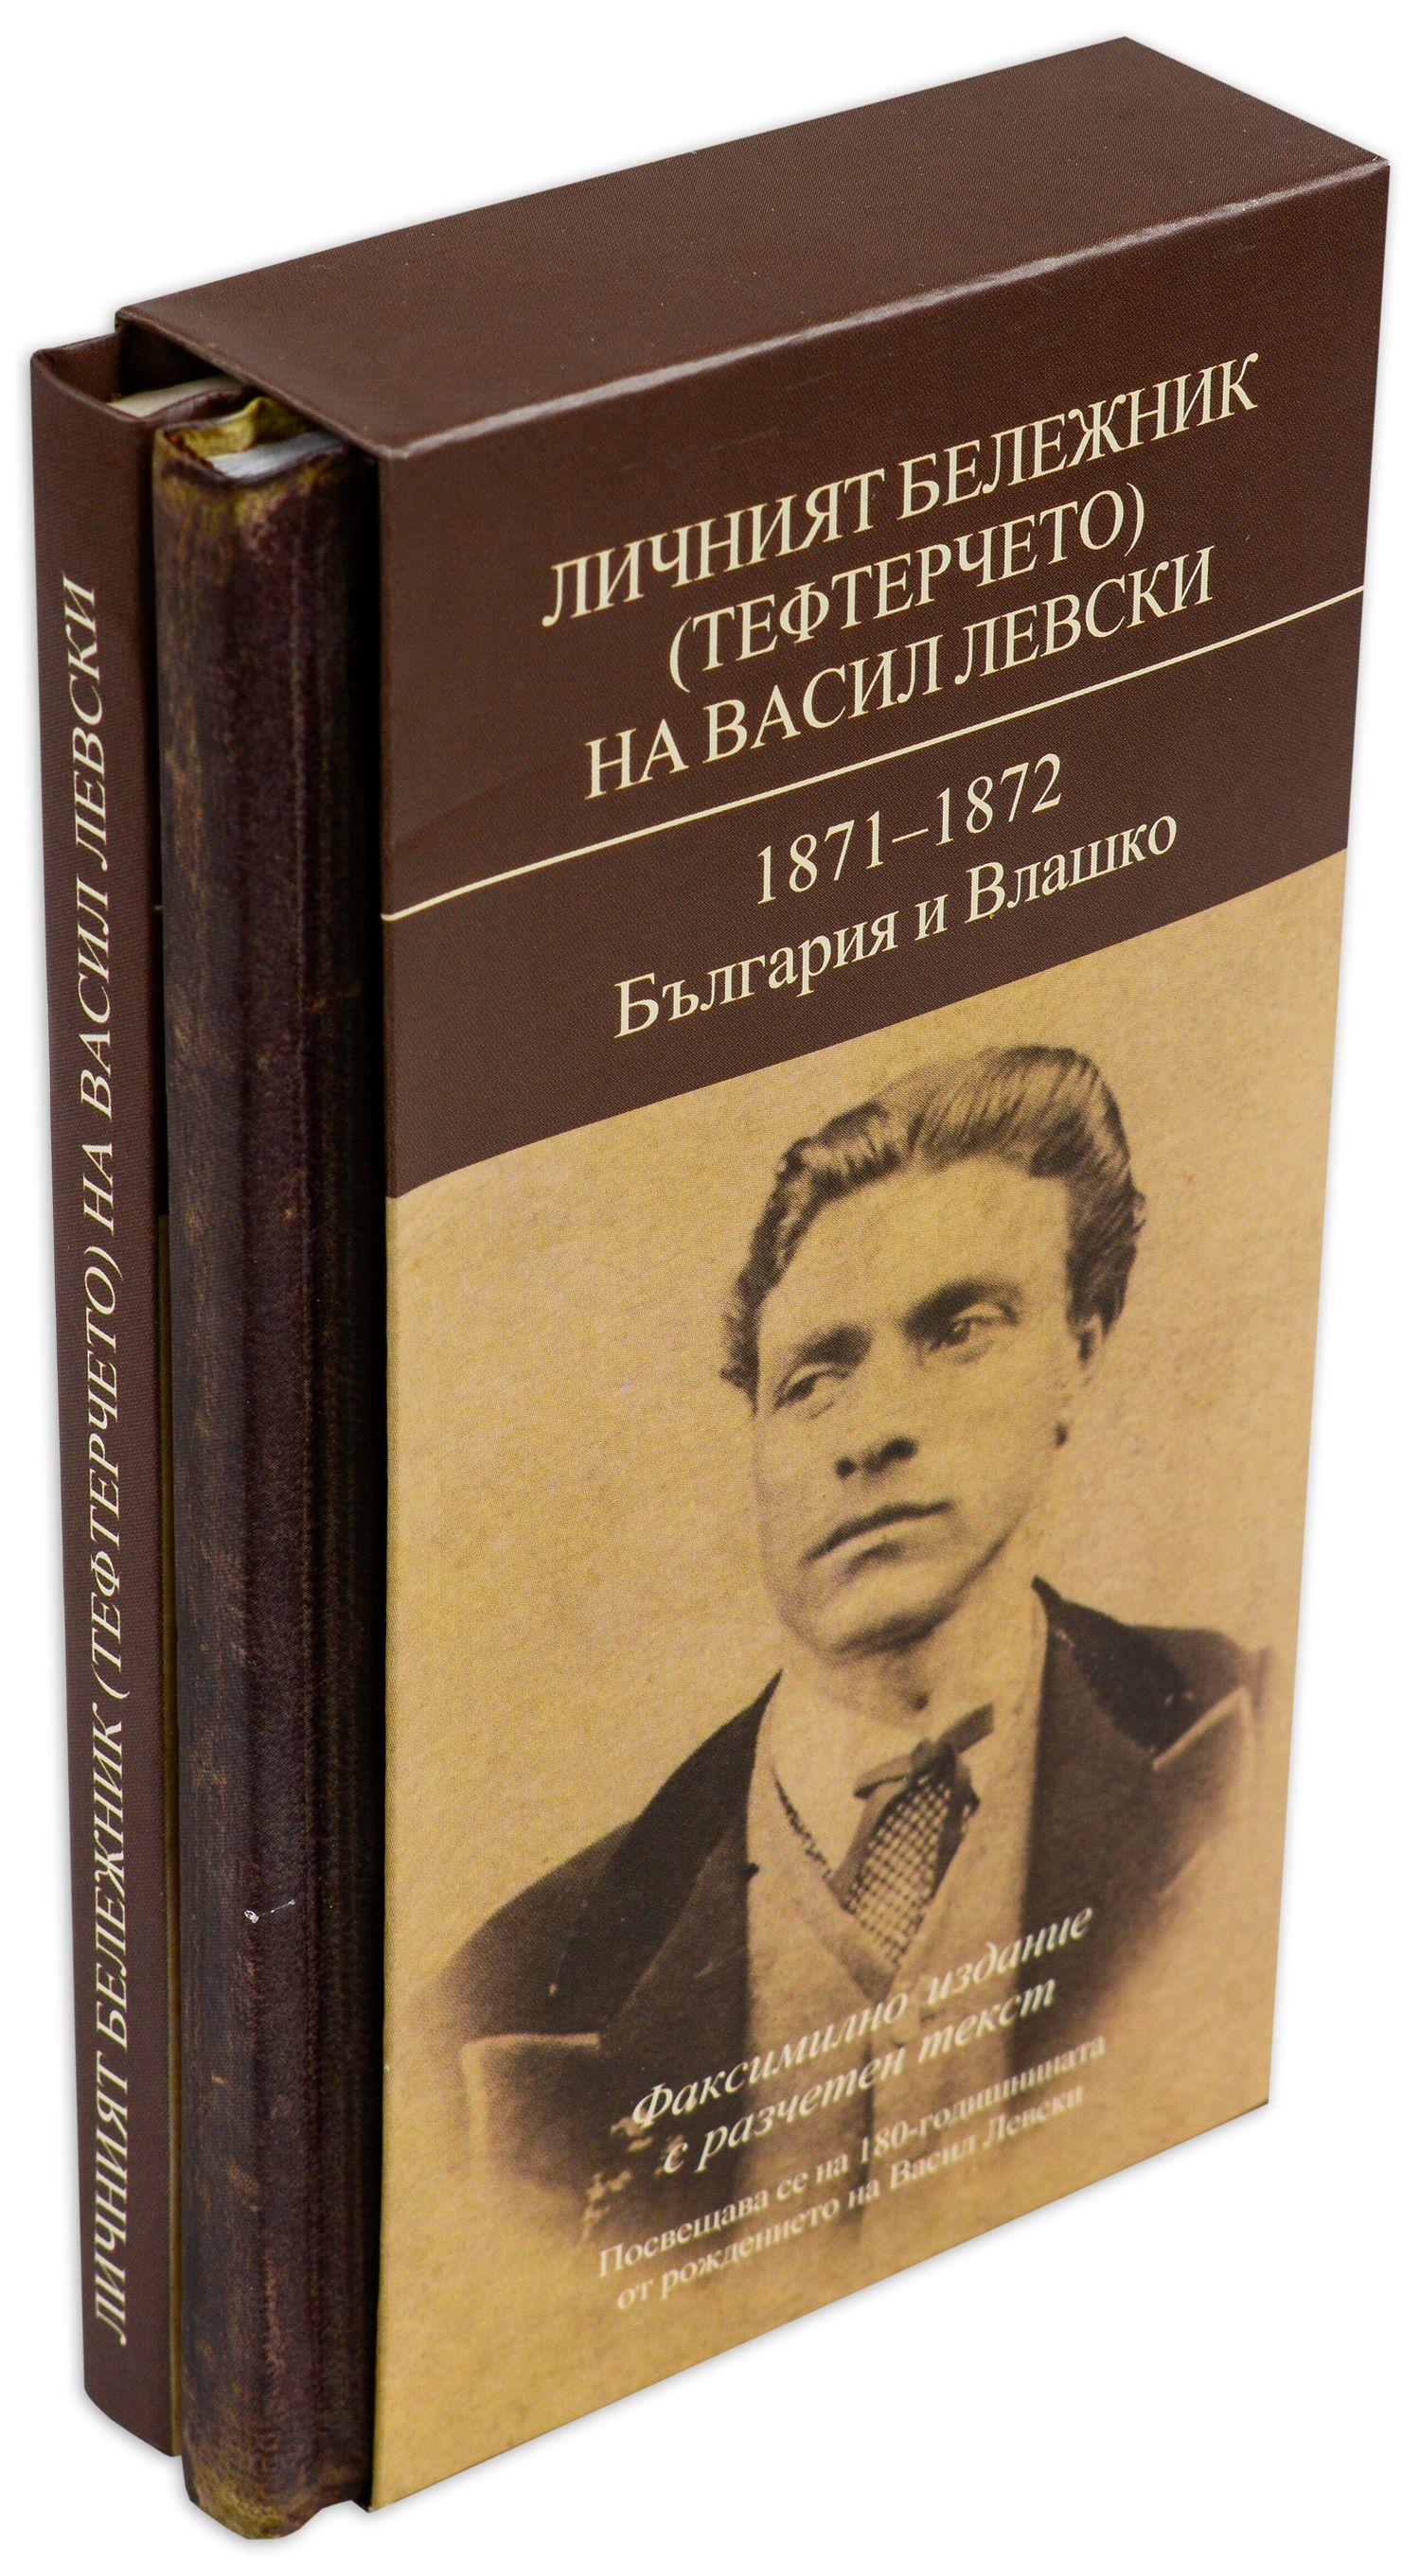 Личният бележник (тефтерчето) на Васил Левски. 1871-1872. България и Влашко - 2